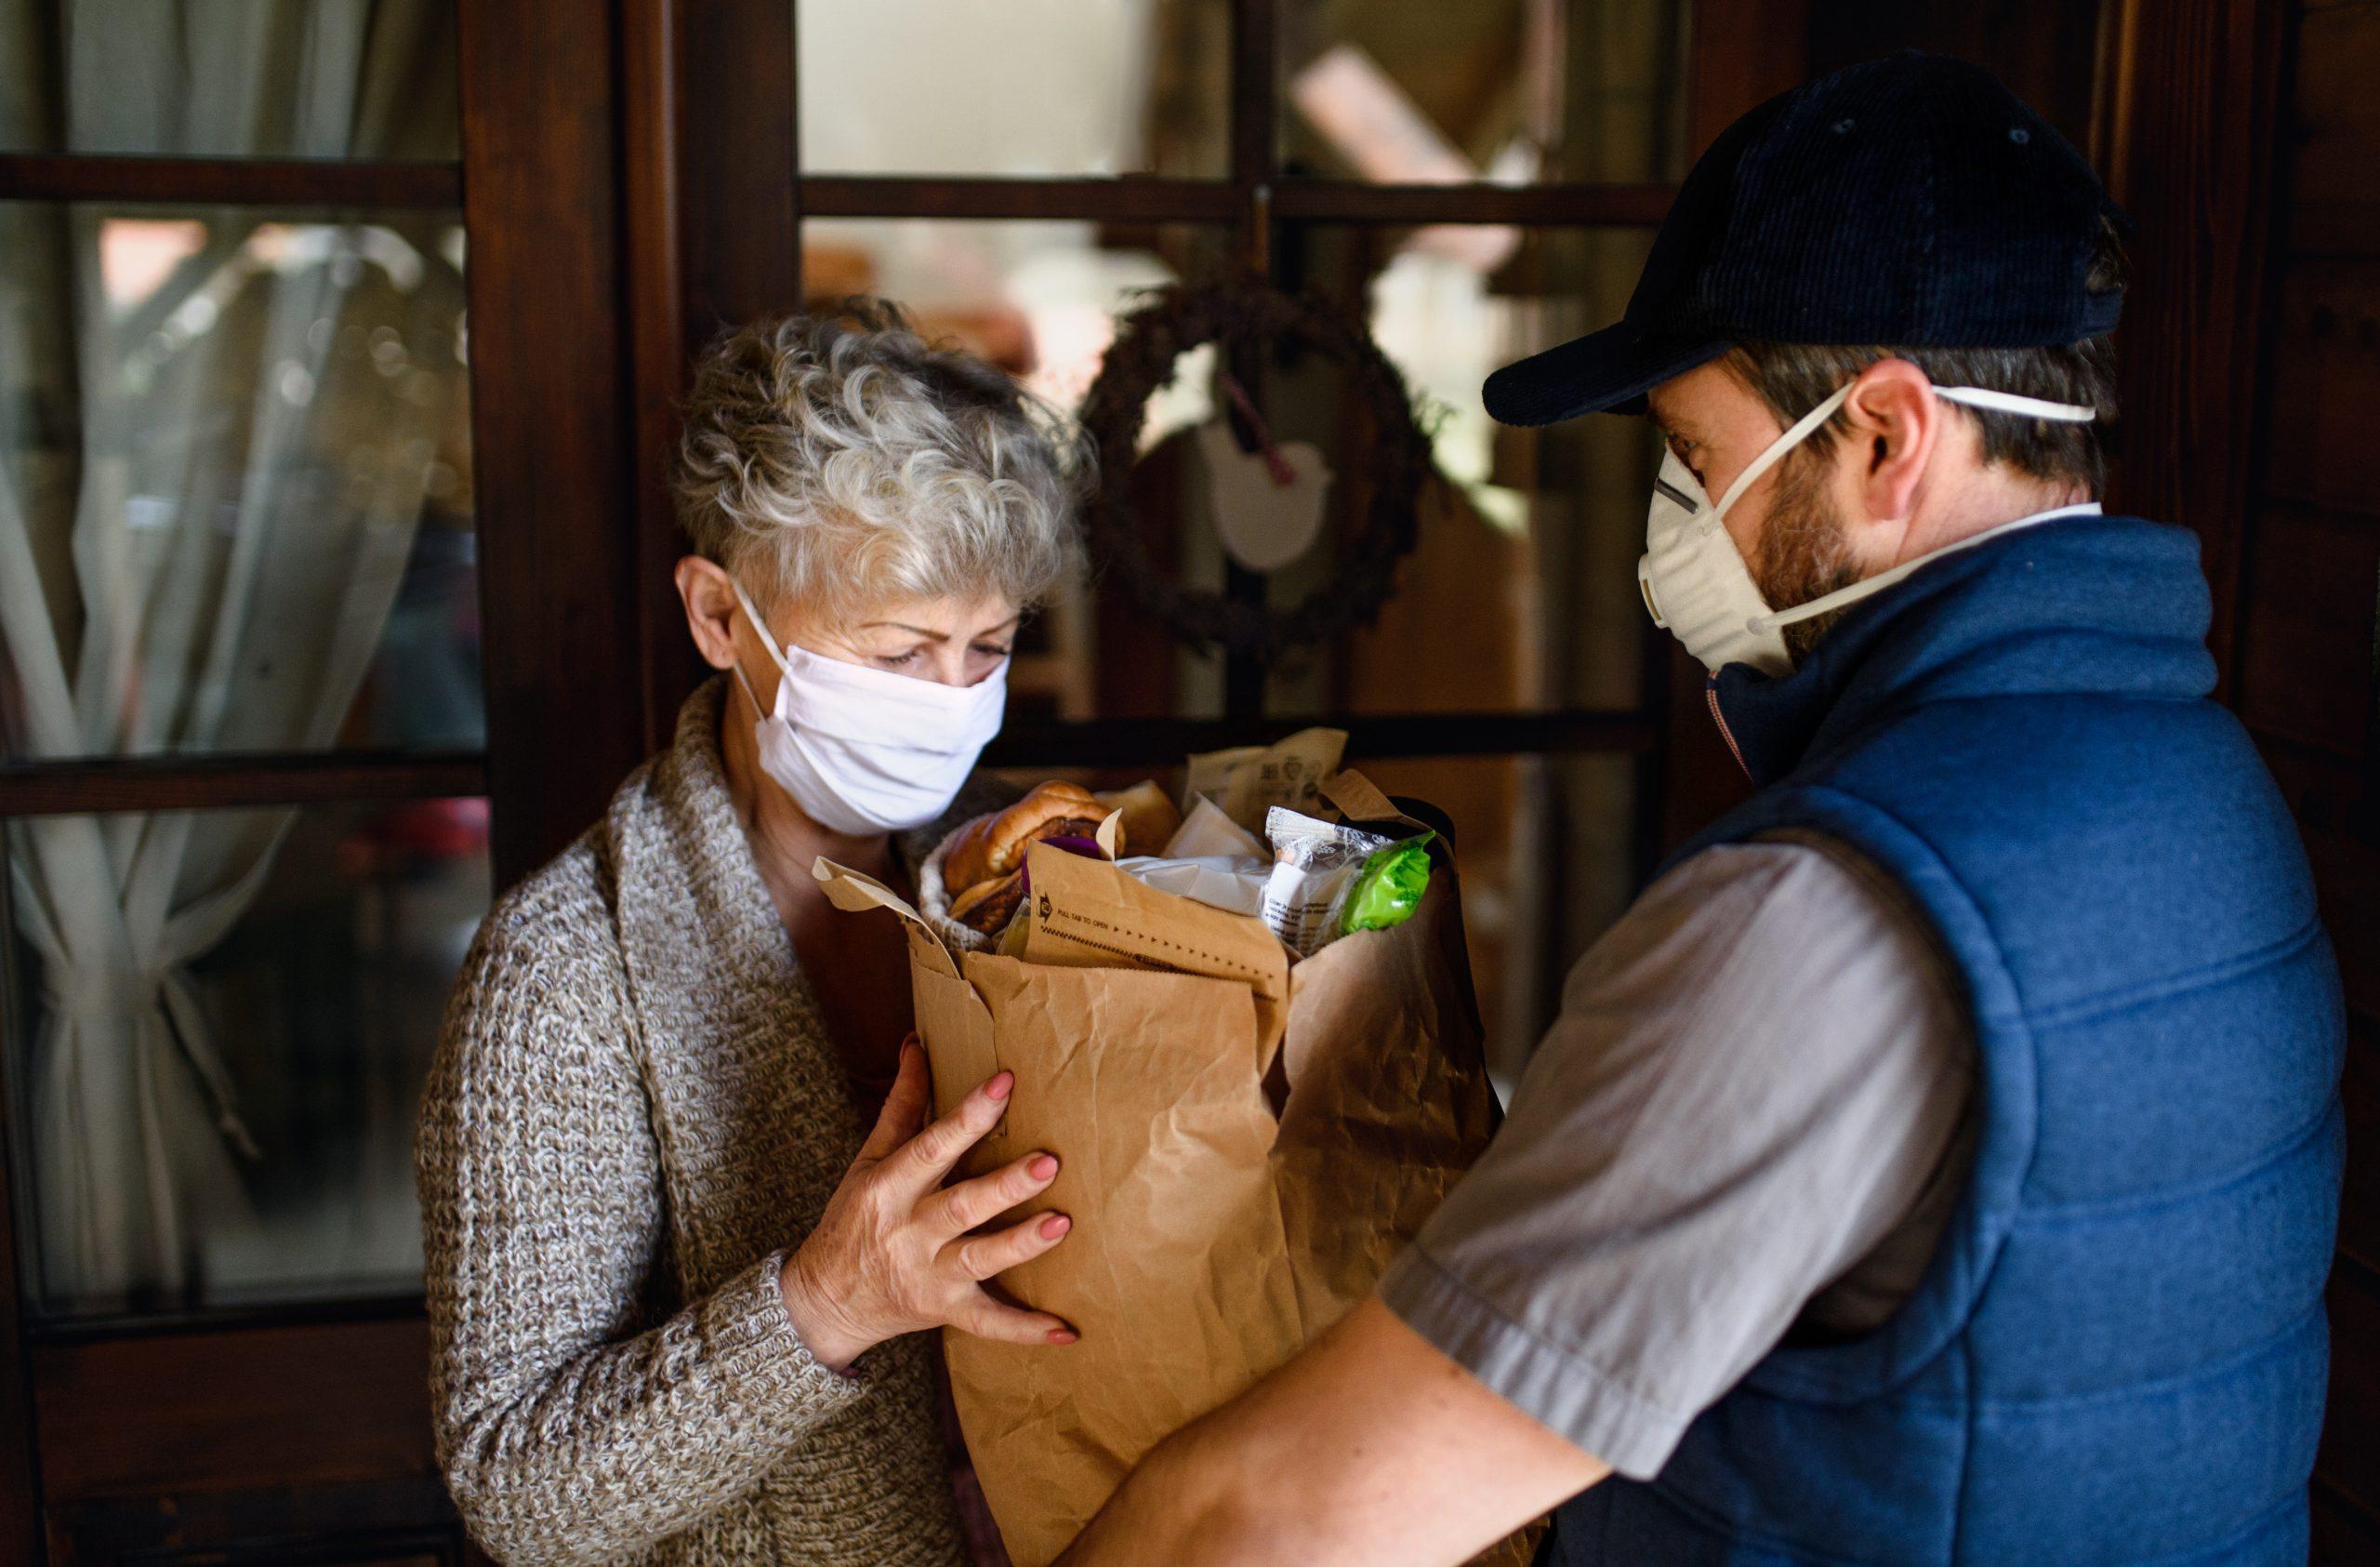 Ein Kurier, der einer älteren Dame ihre Einkäufe bringt. Beide tragen Gesichtsmasken.